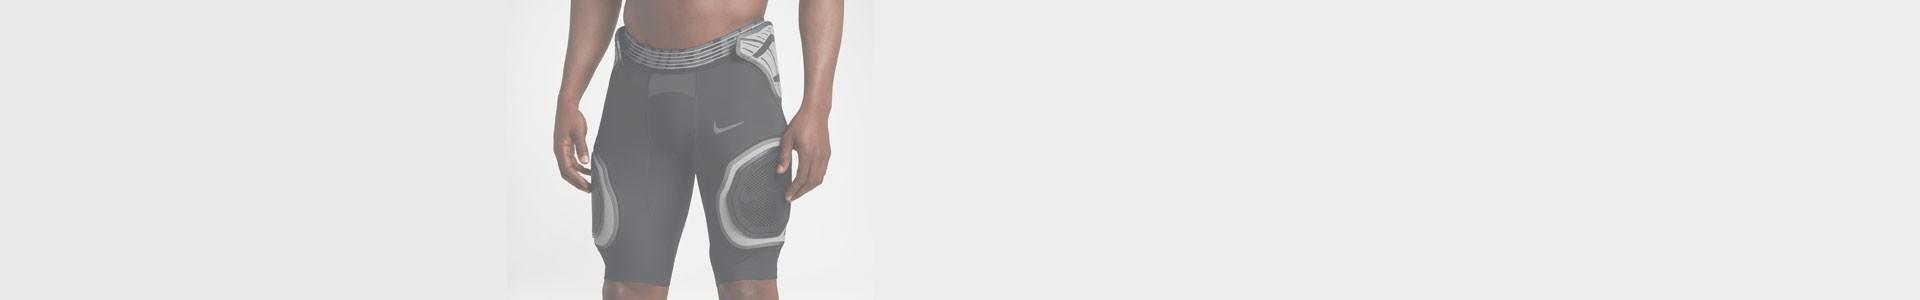 Pantalons de Football Américain en ligne | Achetez sur AnyGivenSunday.Shop